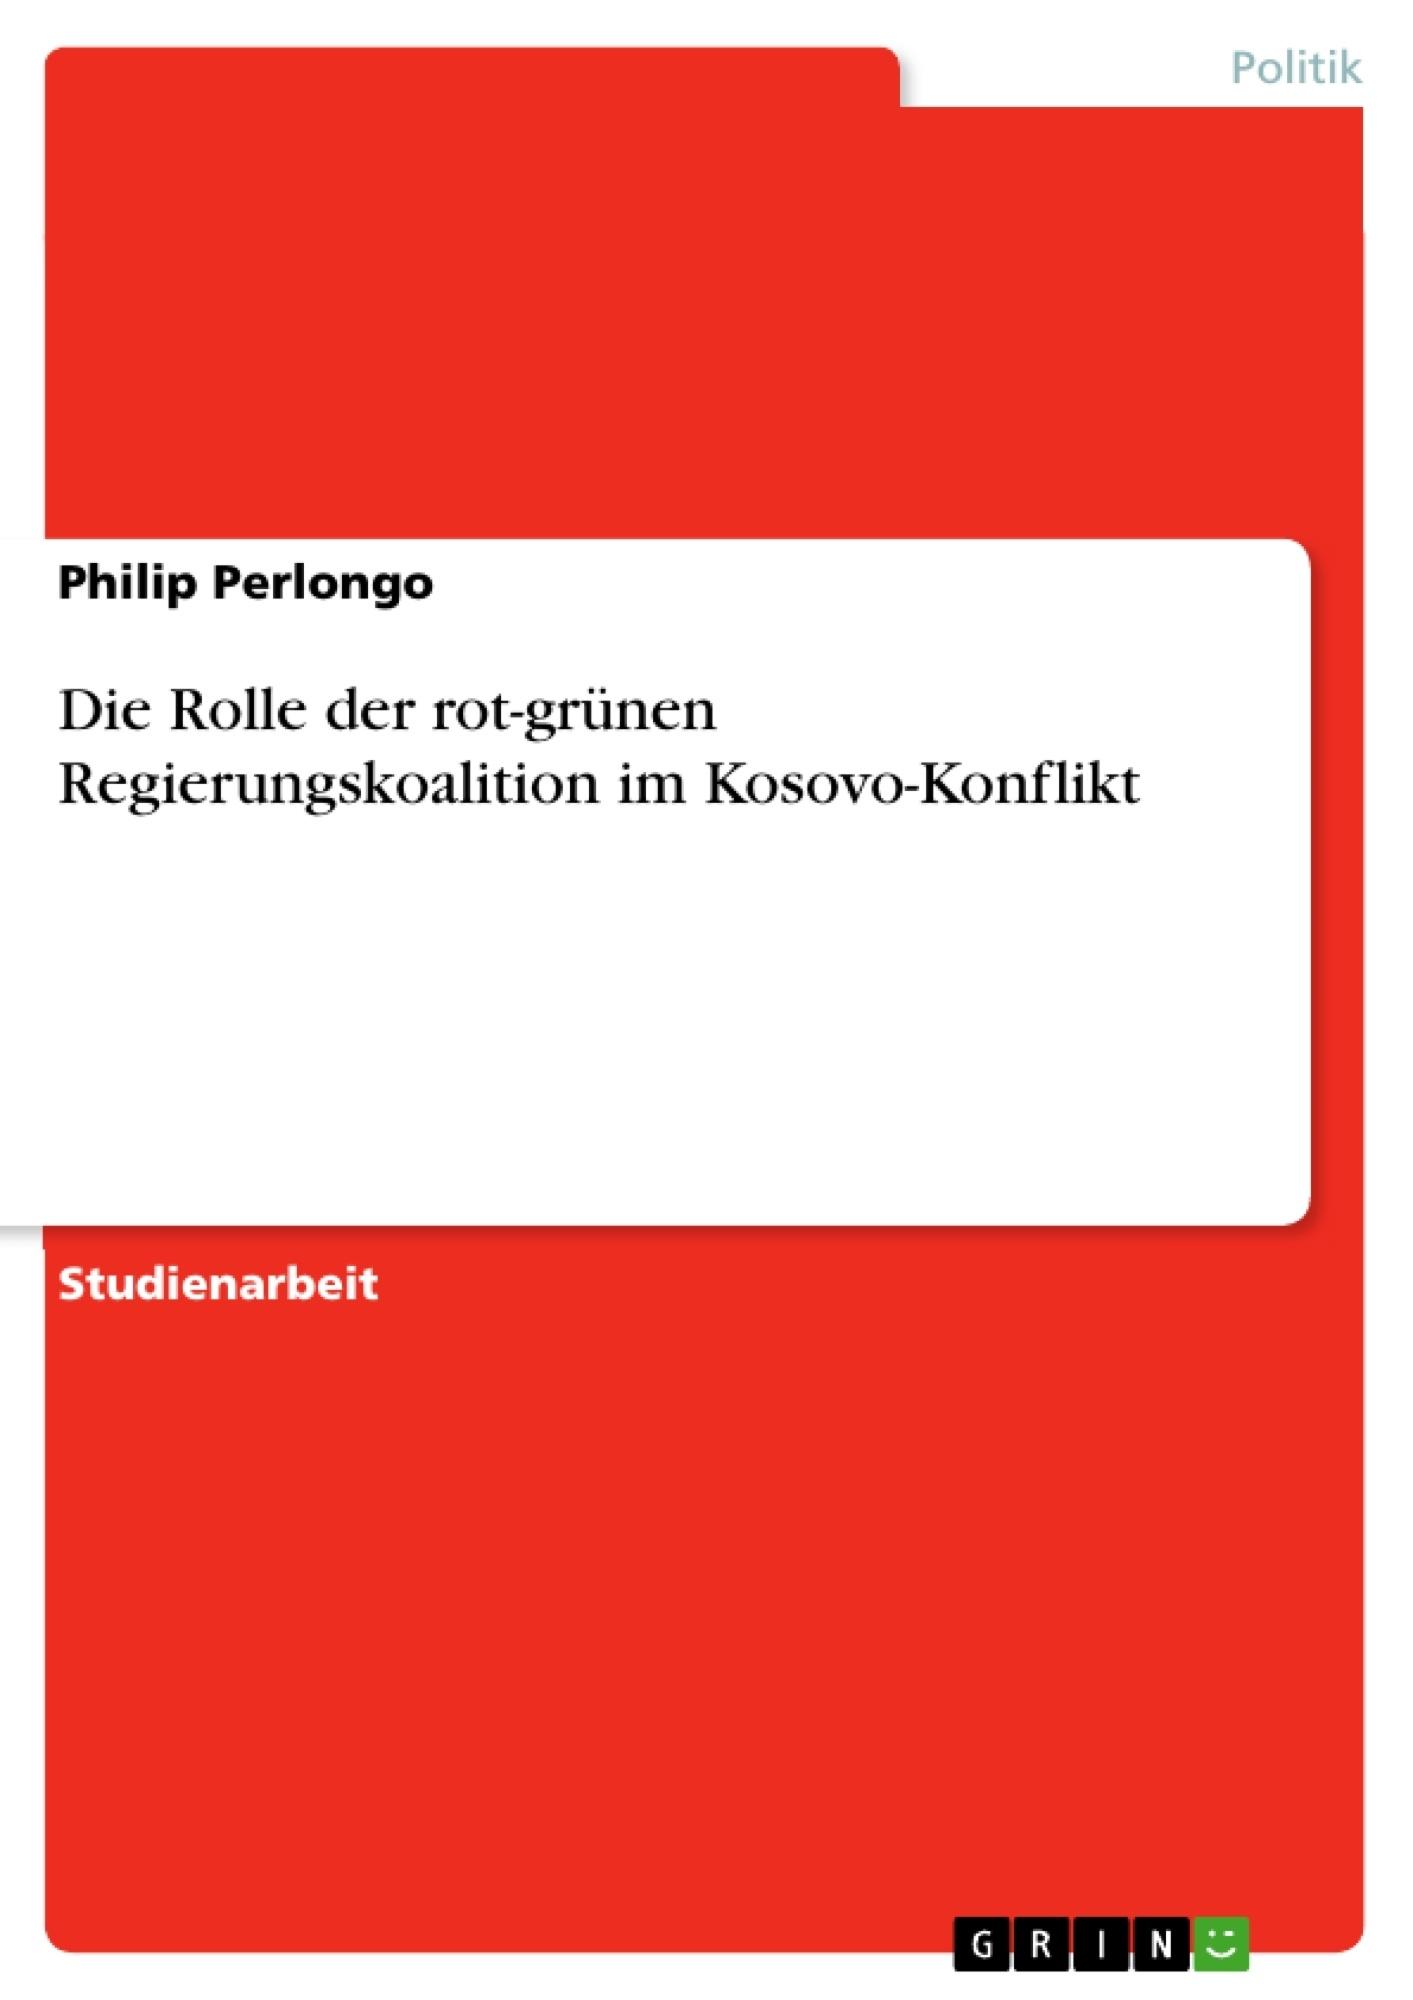 Titel: Die Rolle der rot-grünen Regierungskoalition im Kosovo-Konflikt